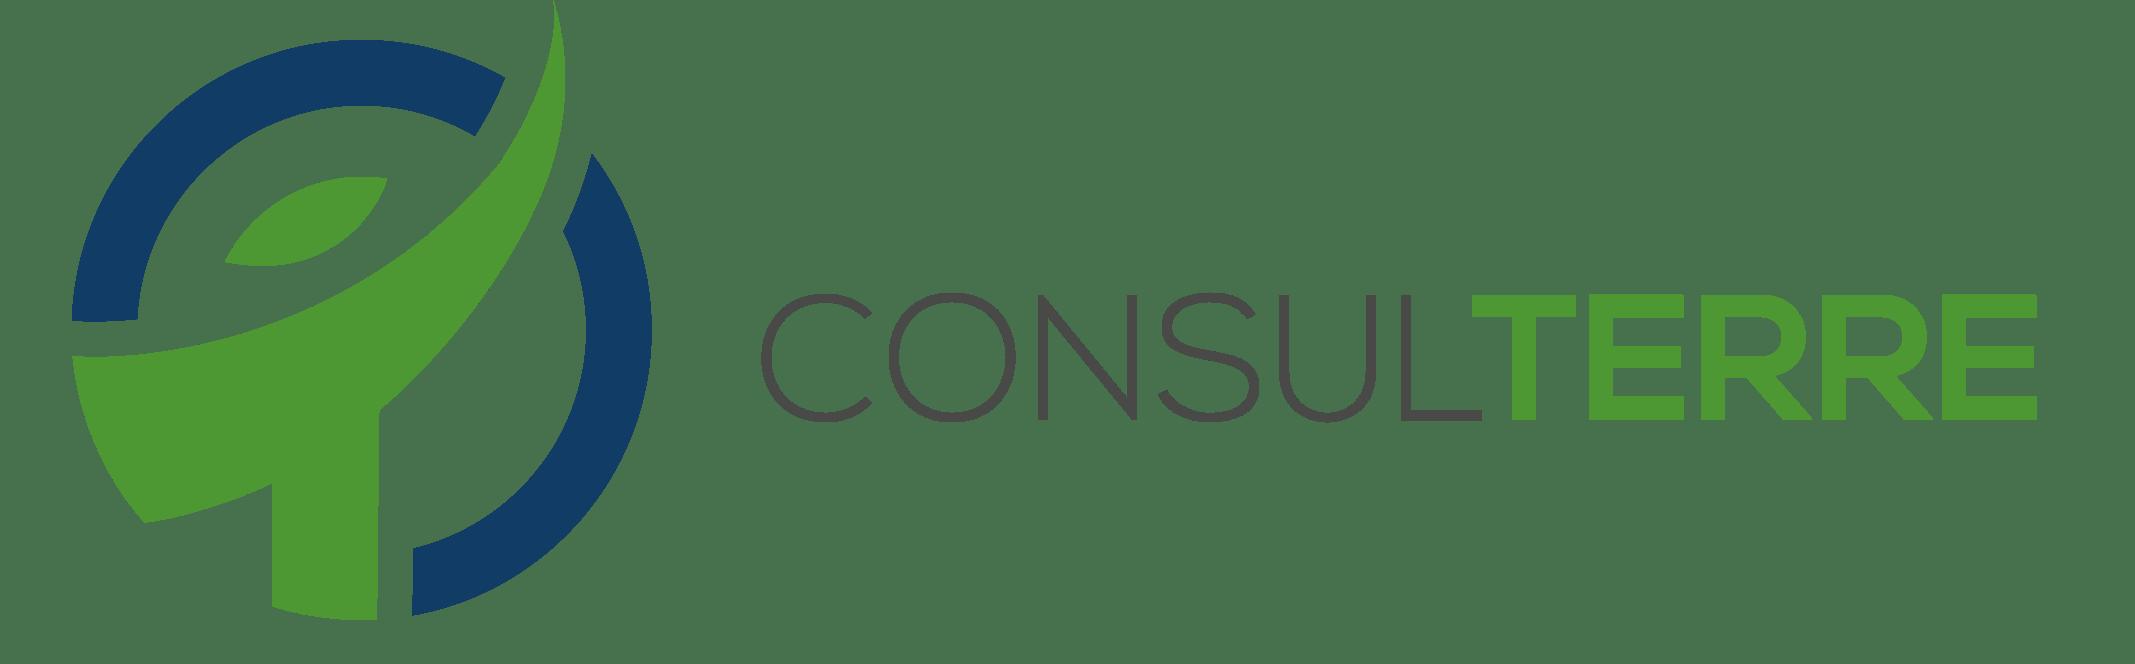 ConsulTerre